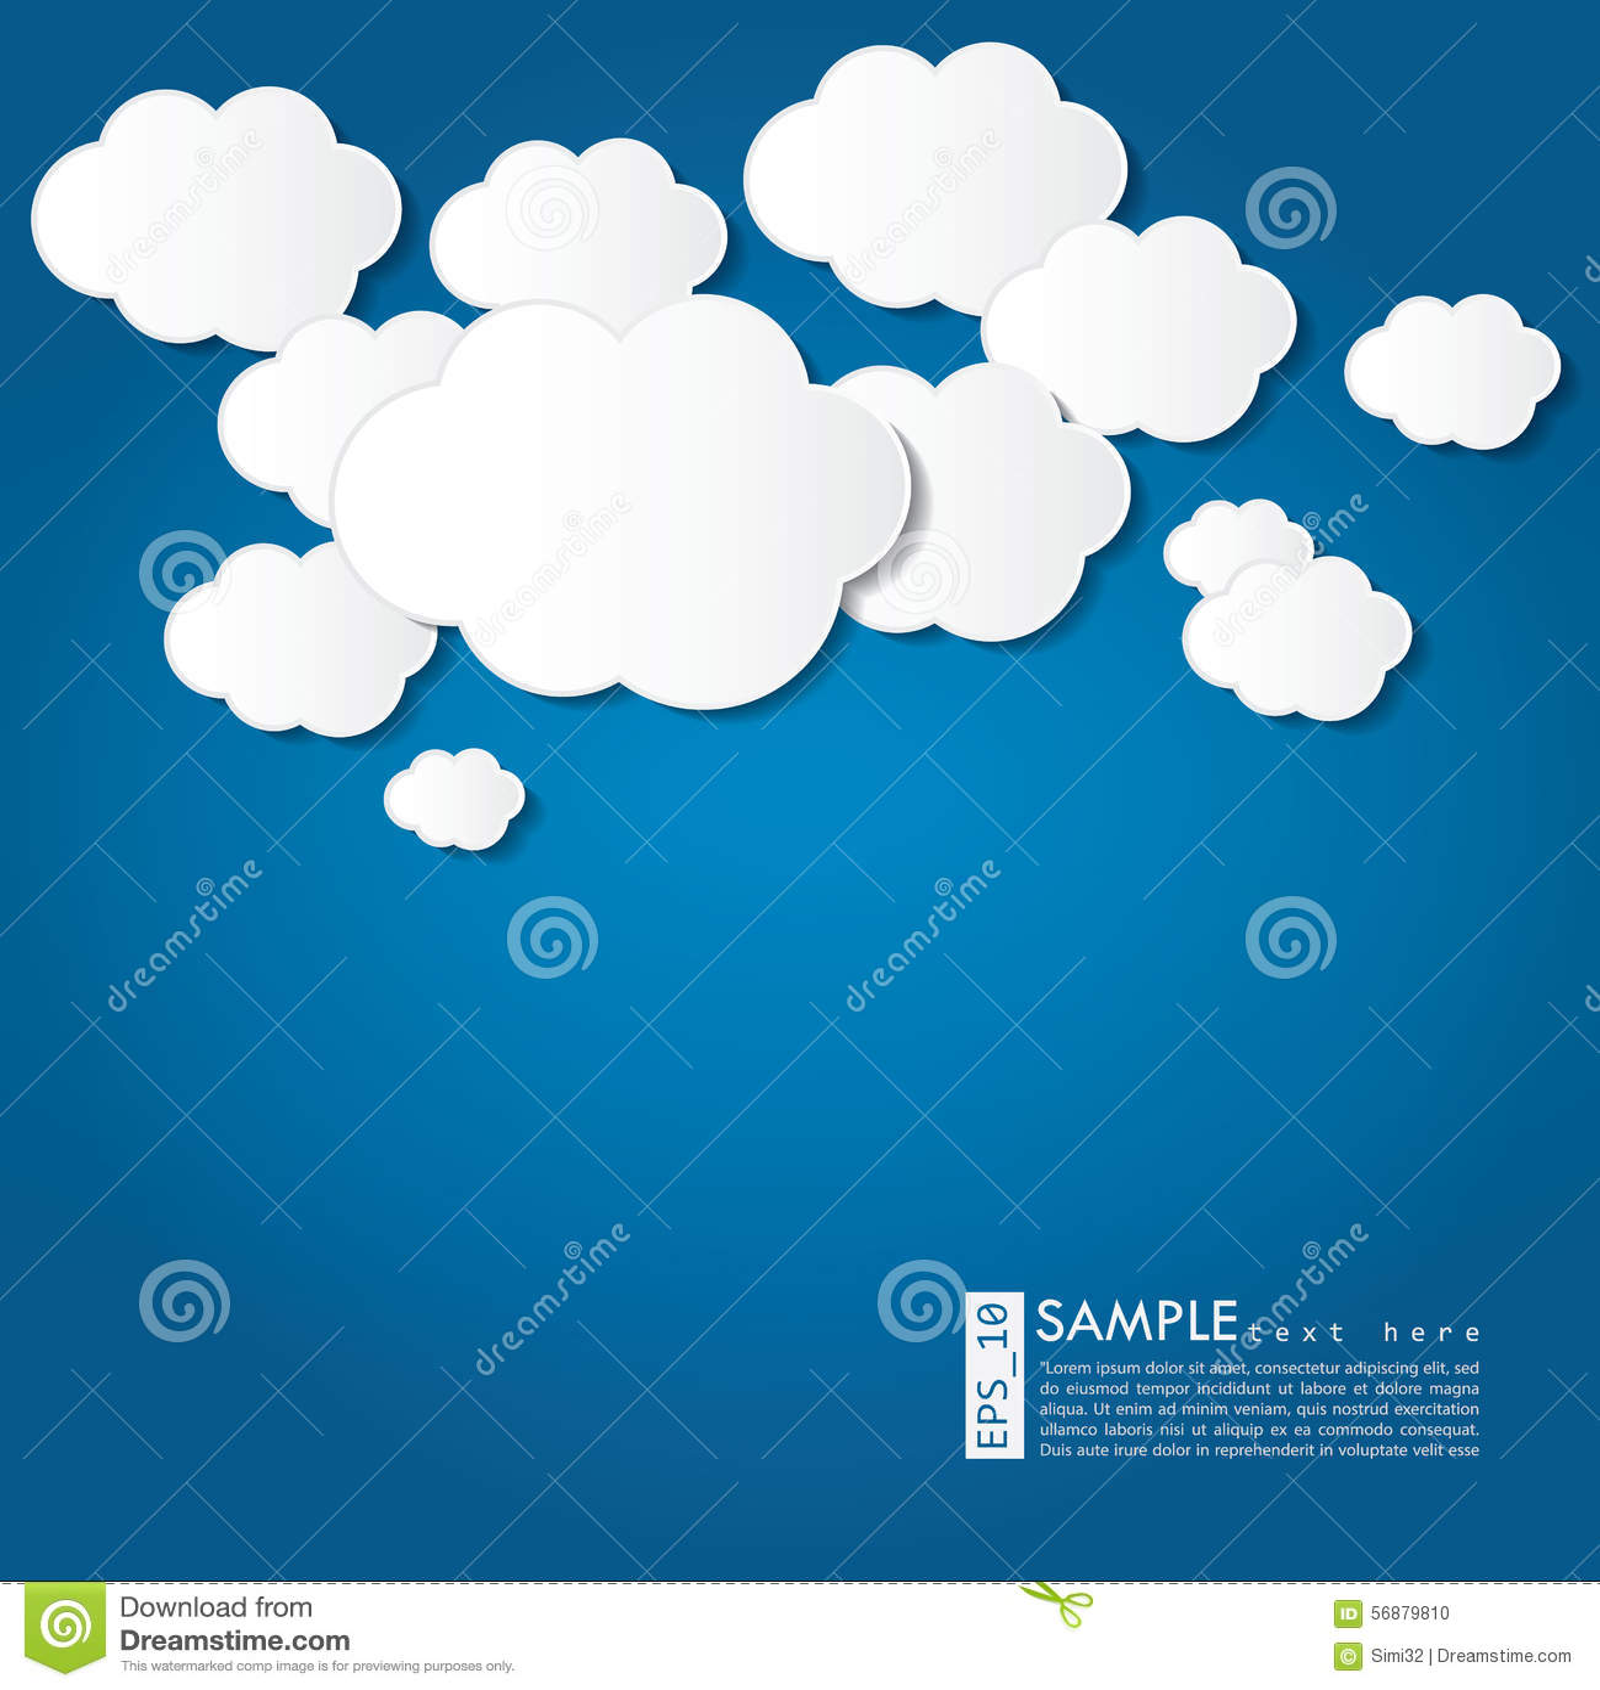 Illustrazione della nuvola - fondo di vettore